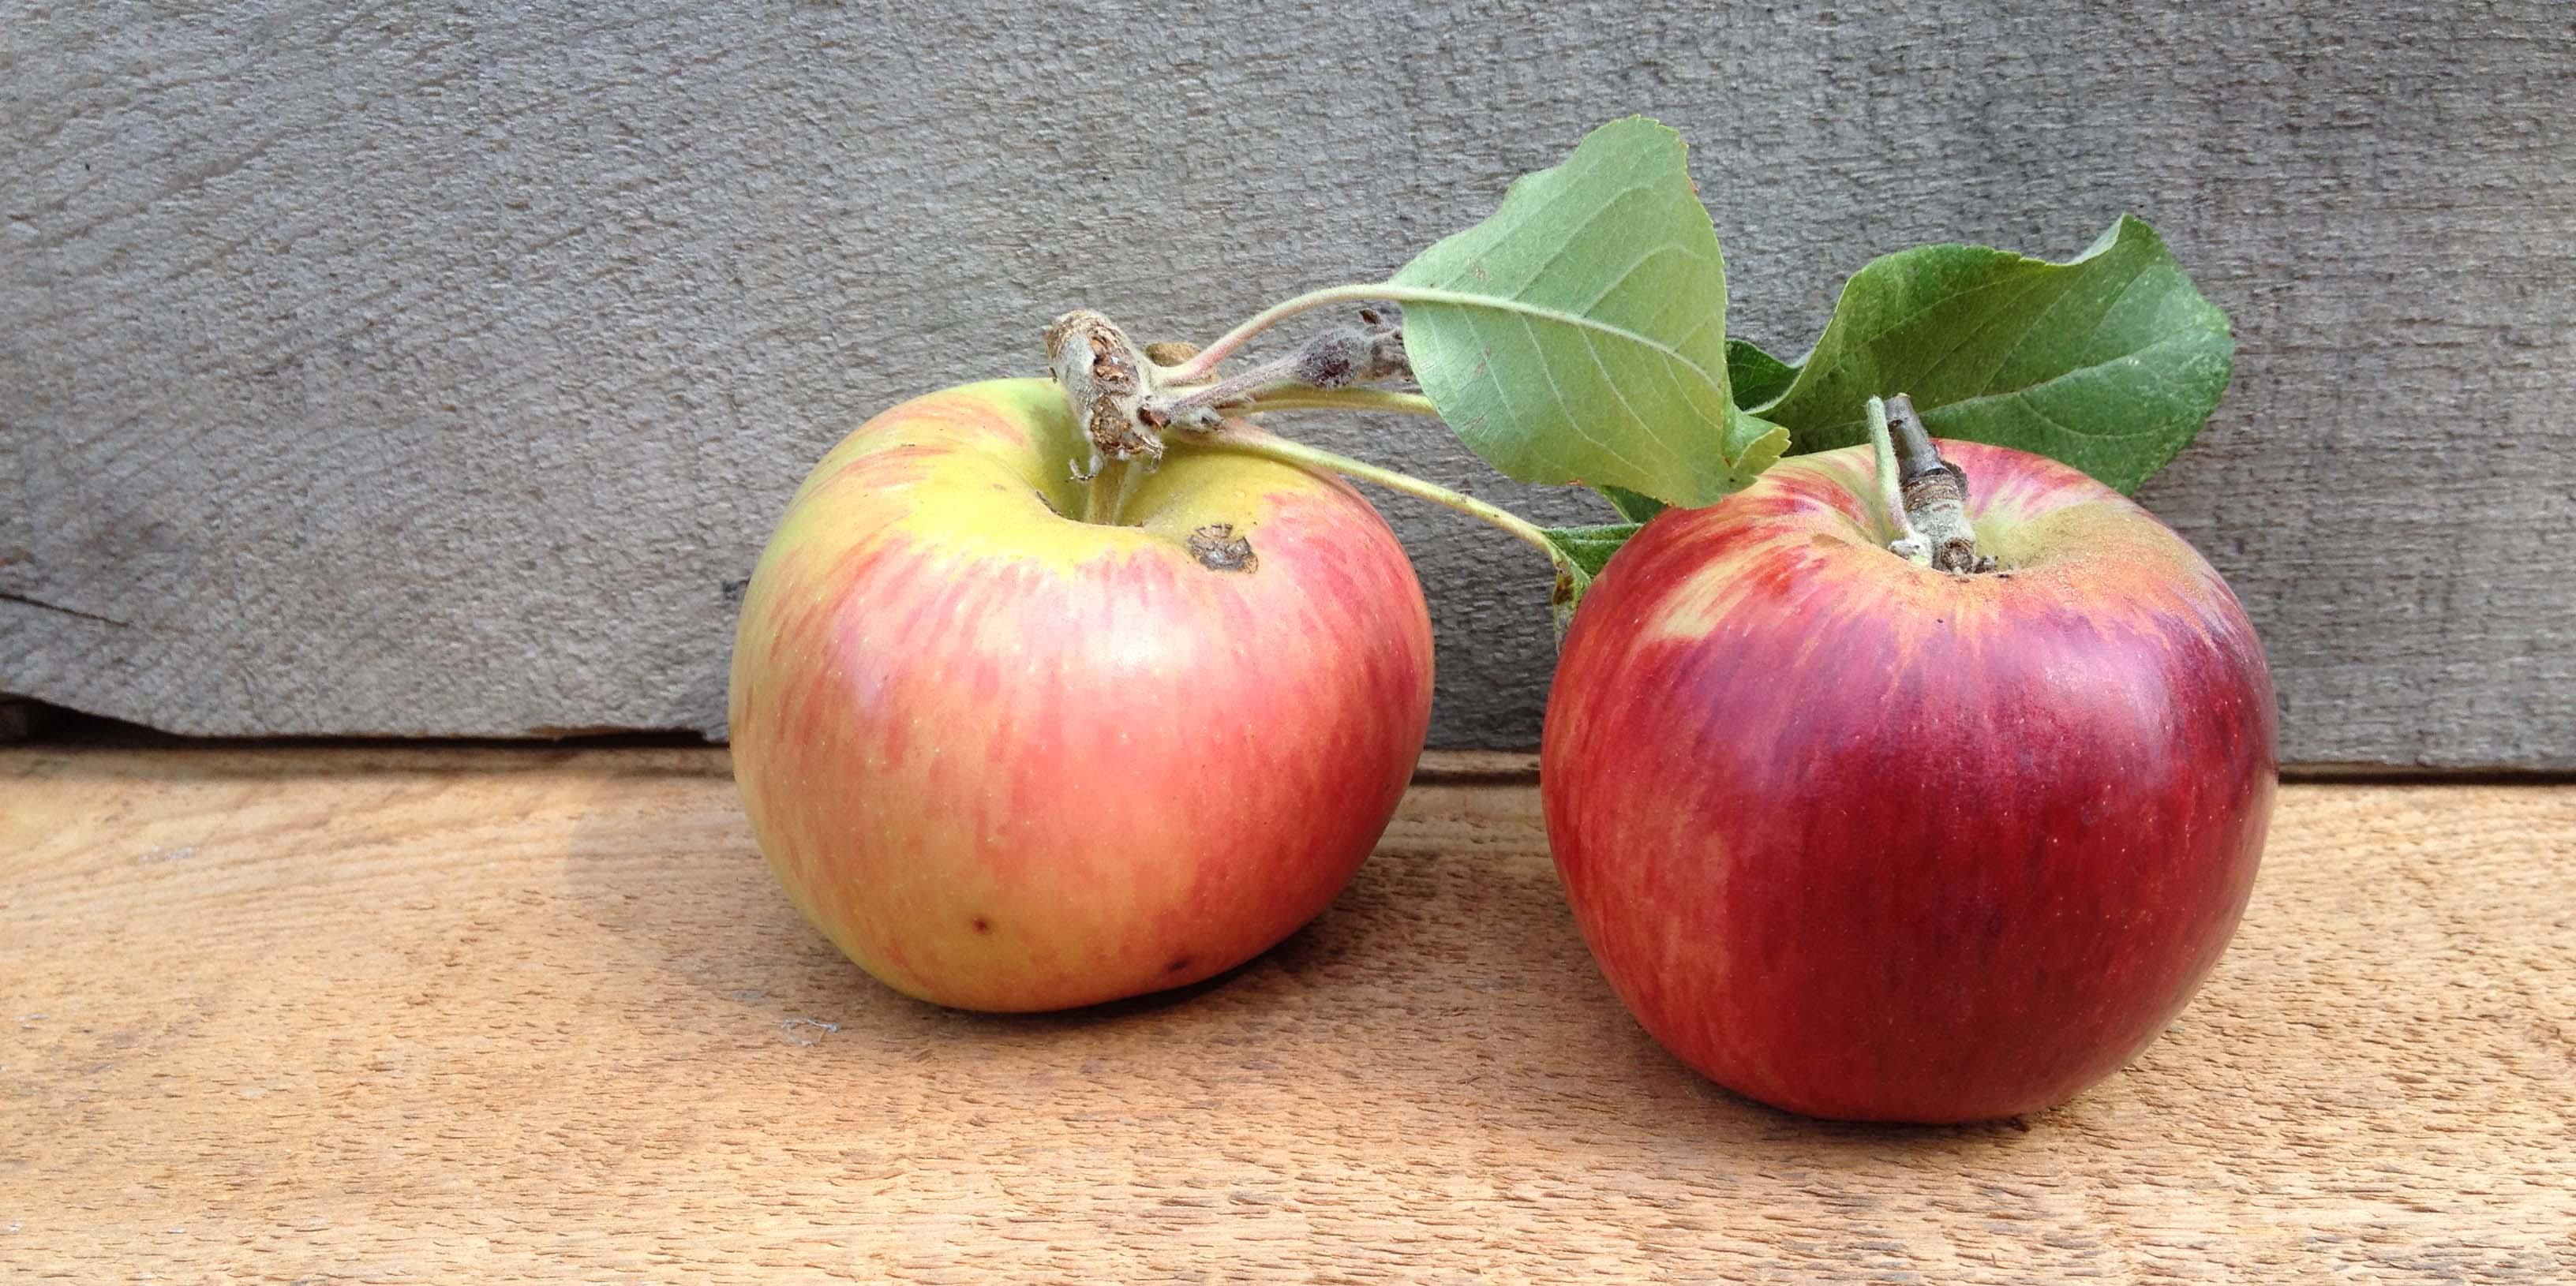 The endangered Gravenstein Apple